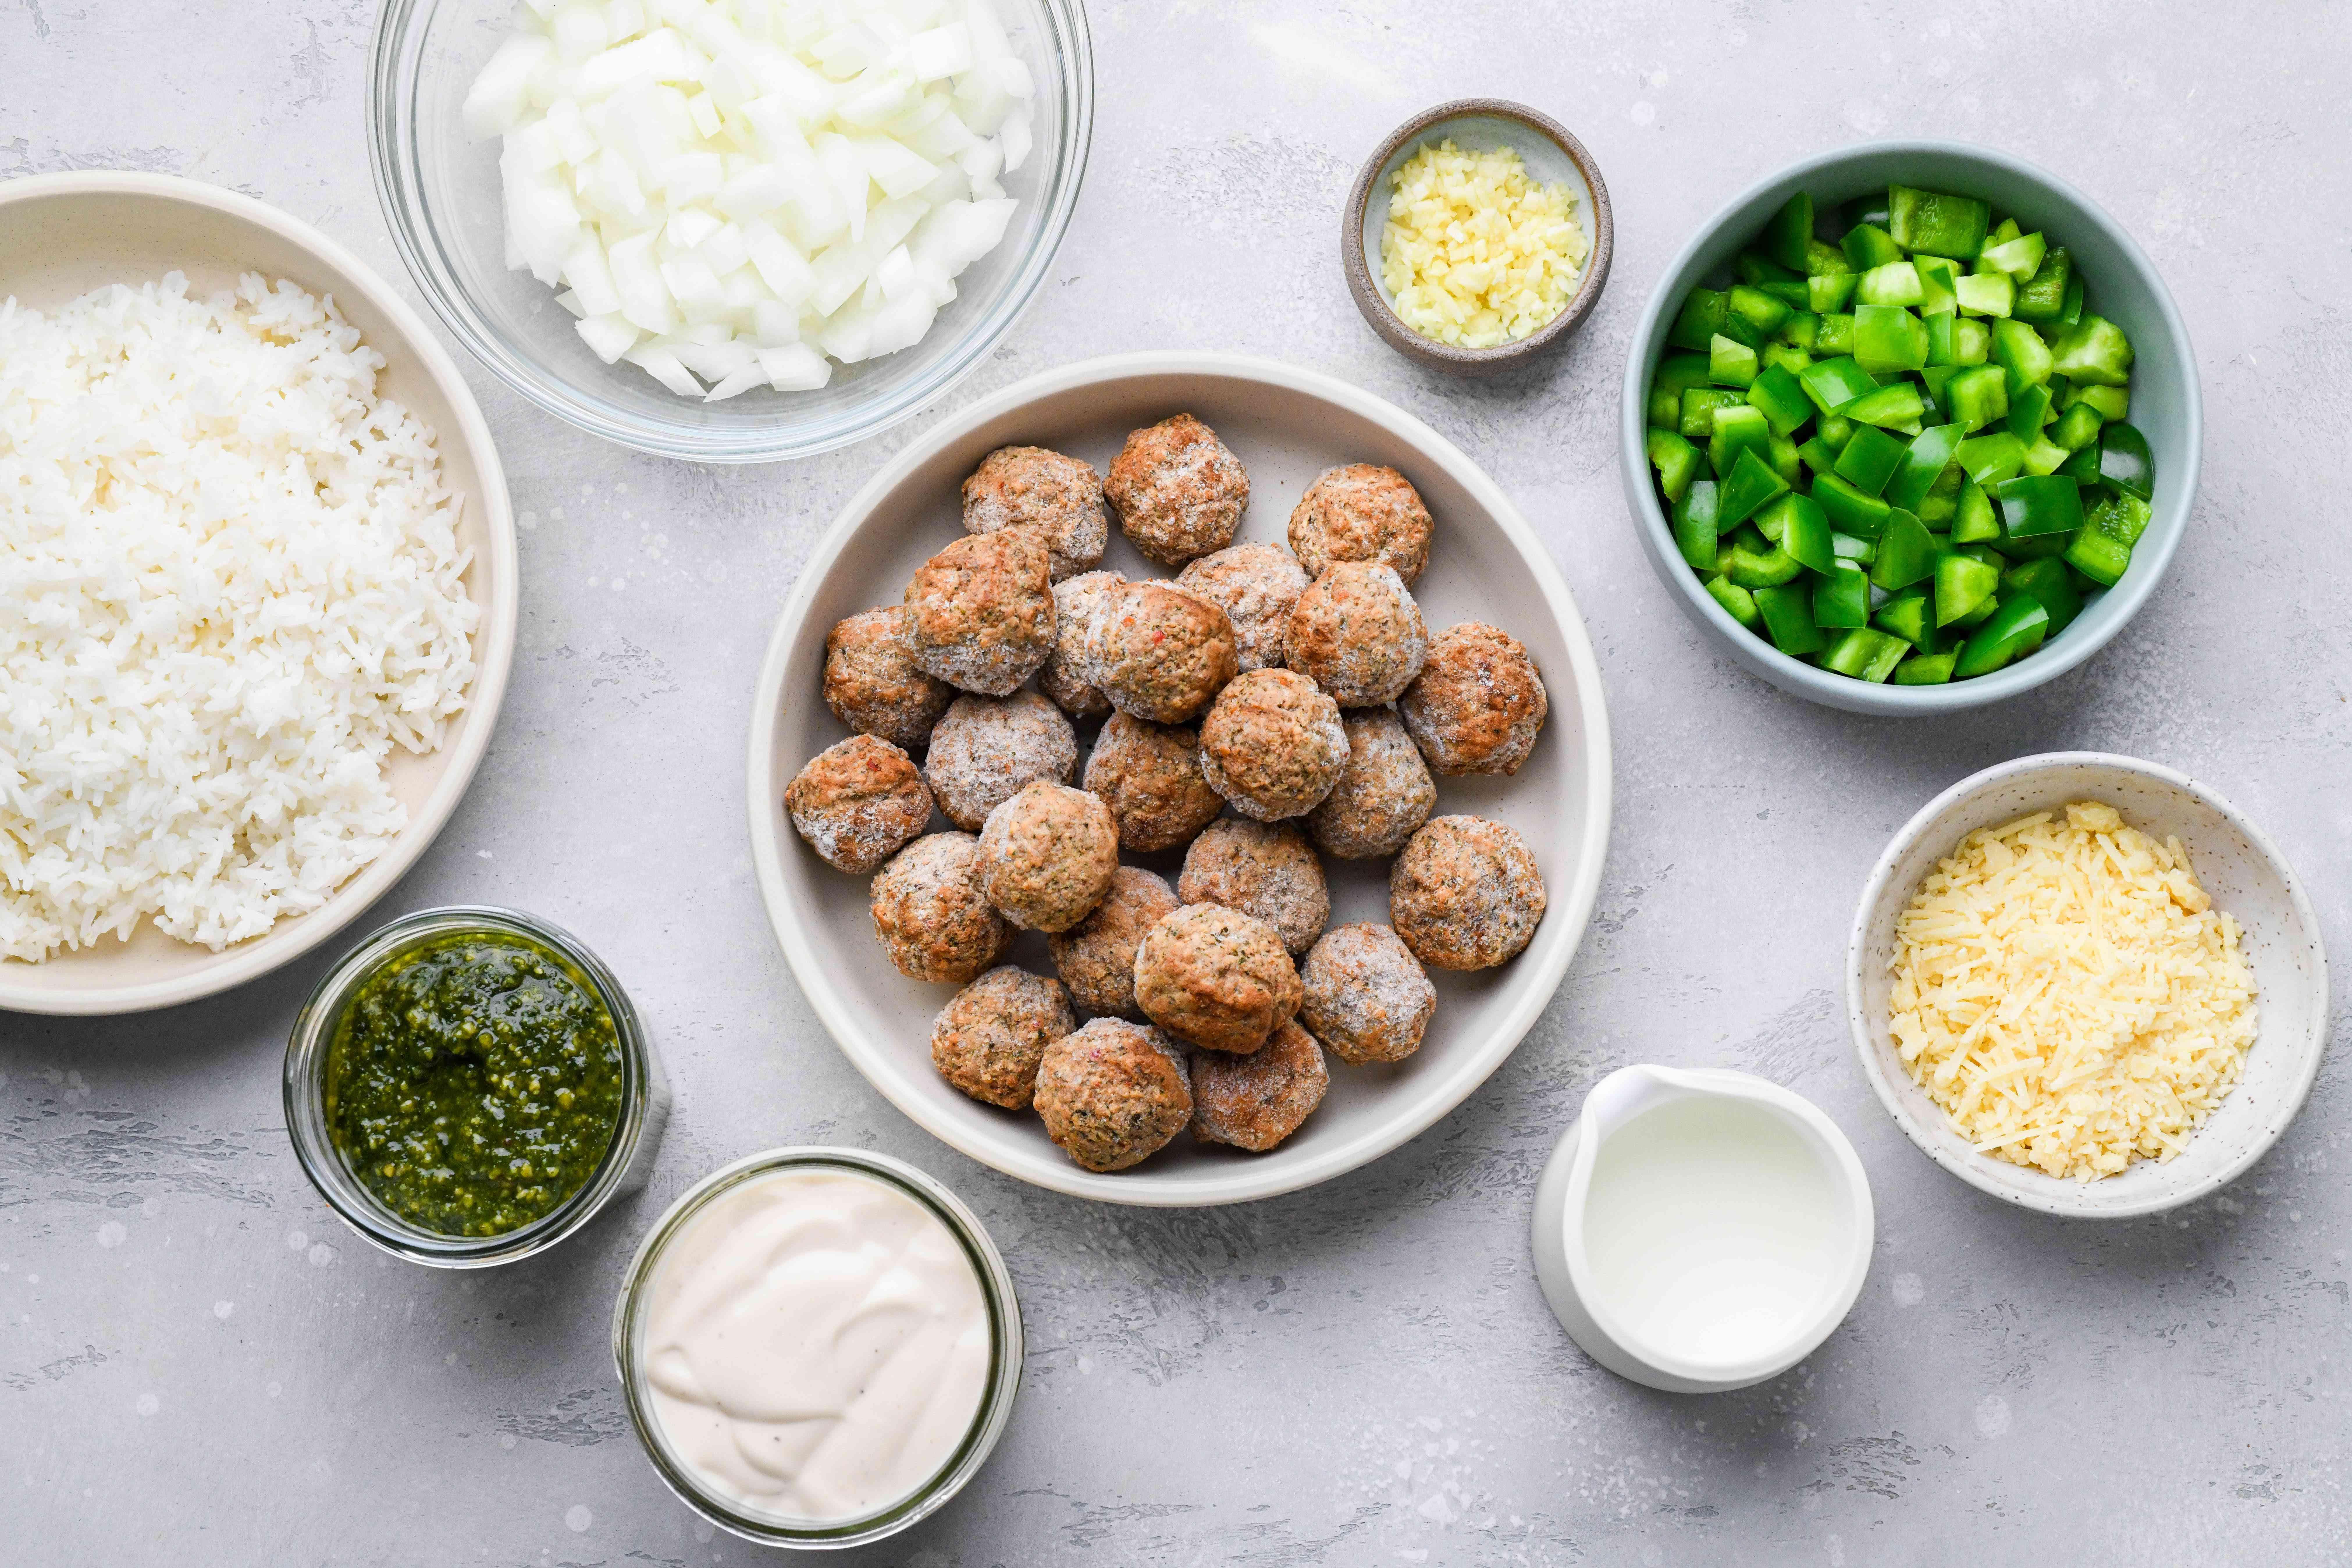 Creamy Pesto Meatballs ingredients